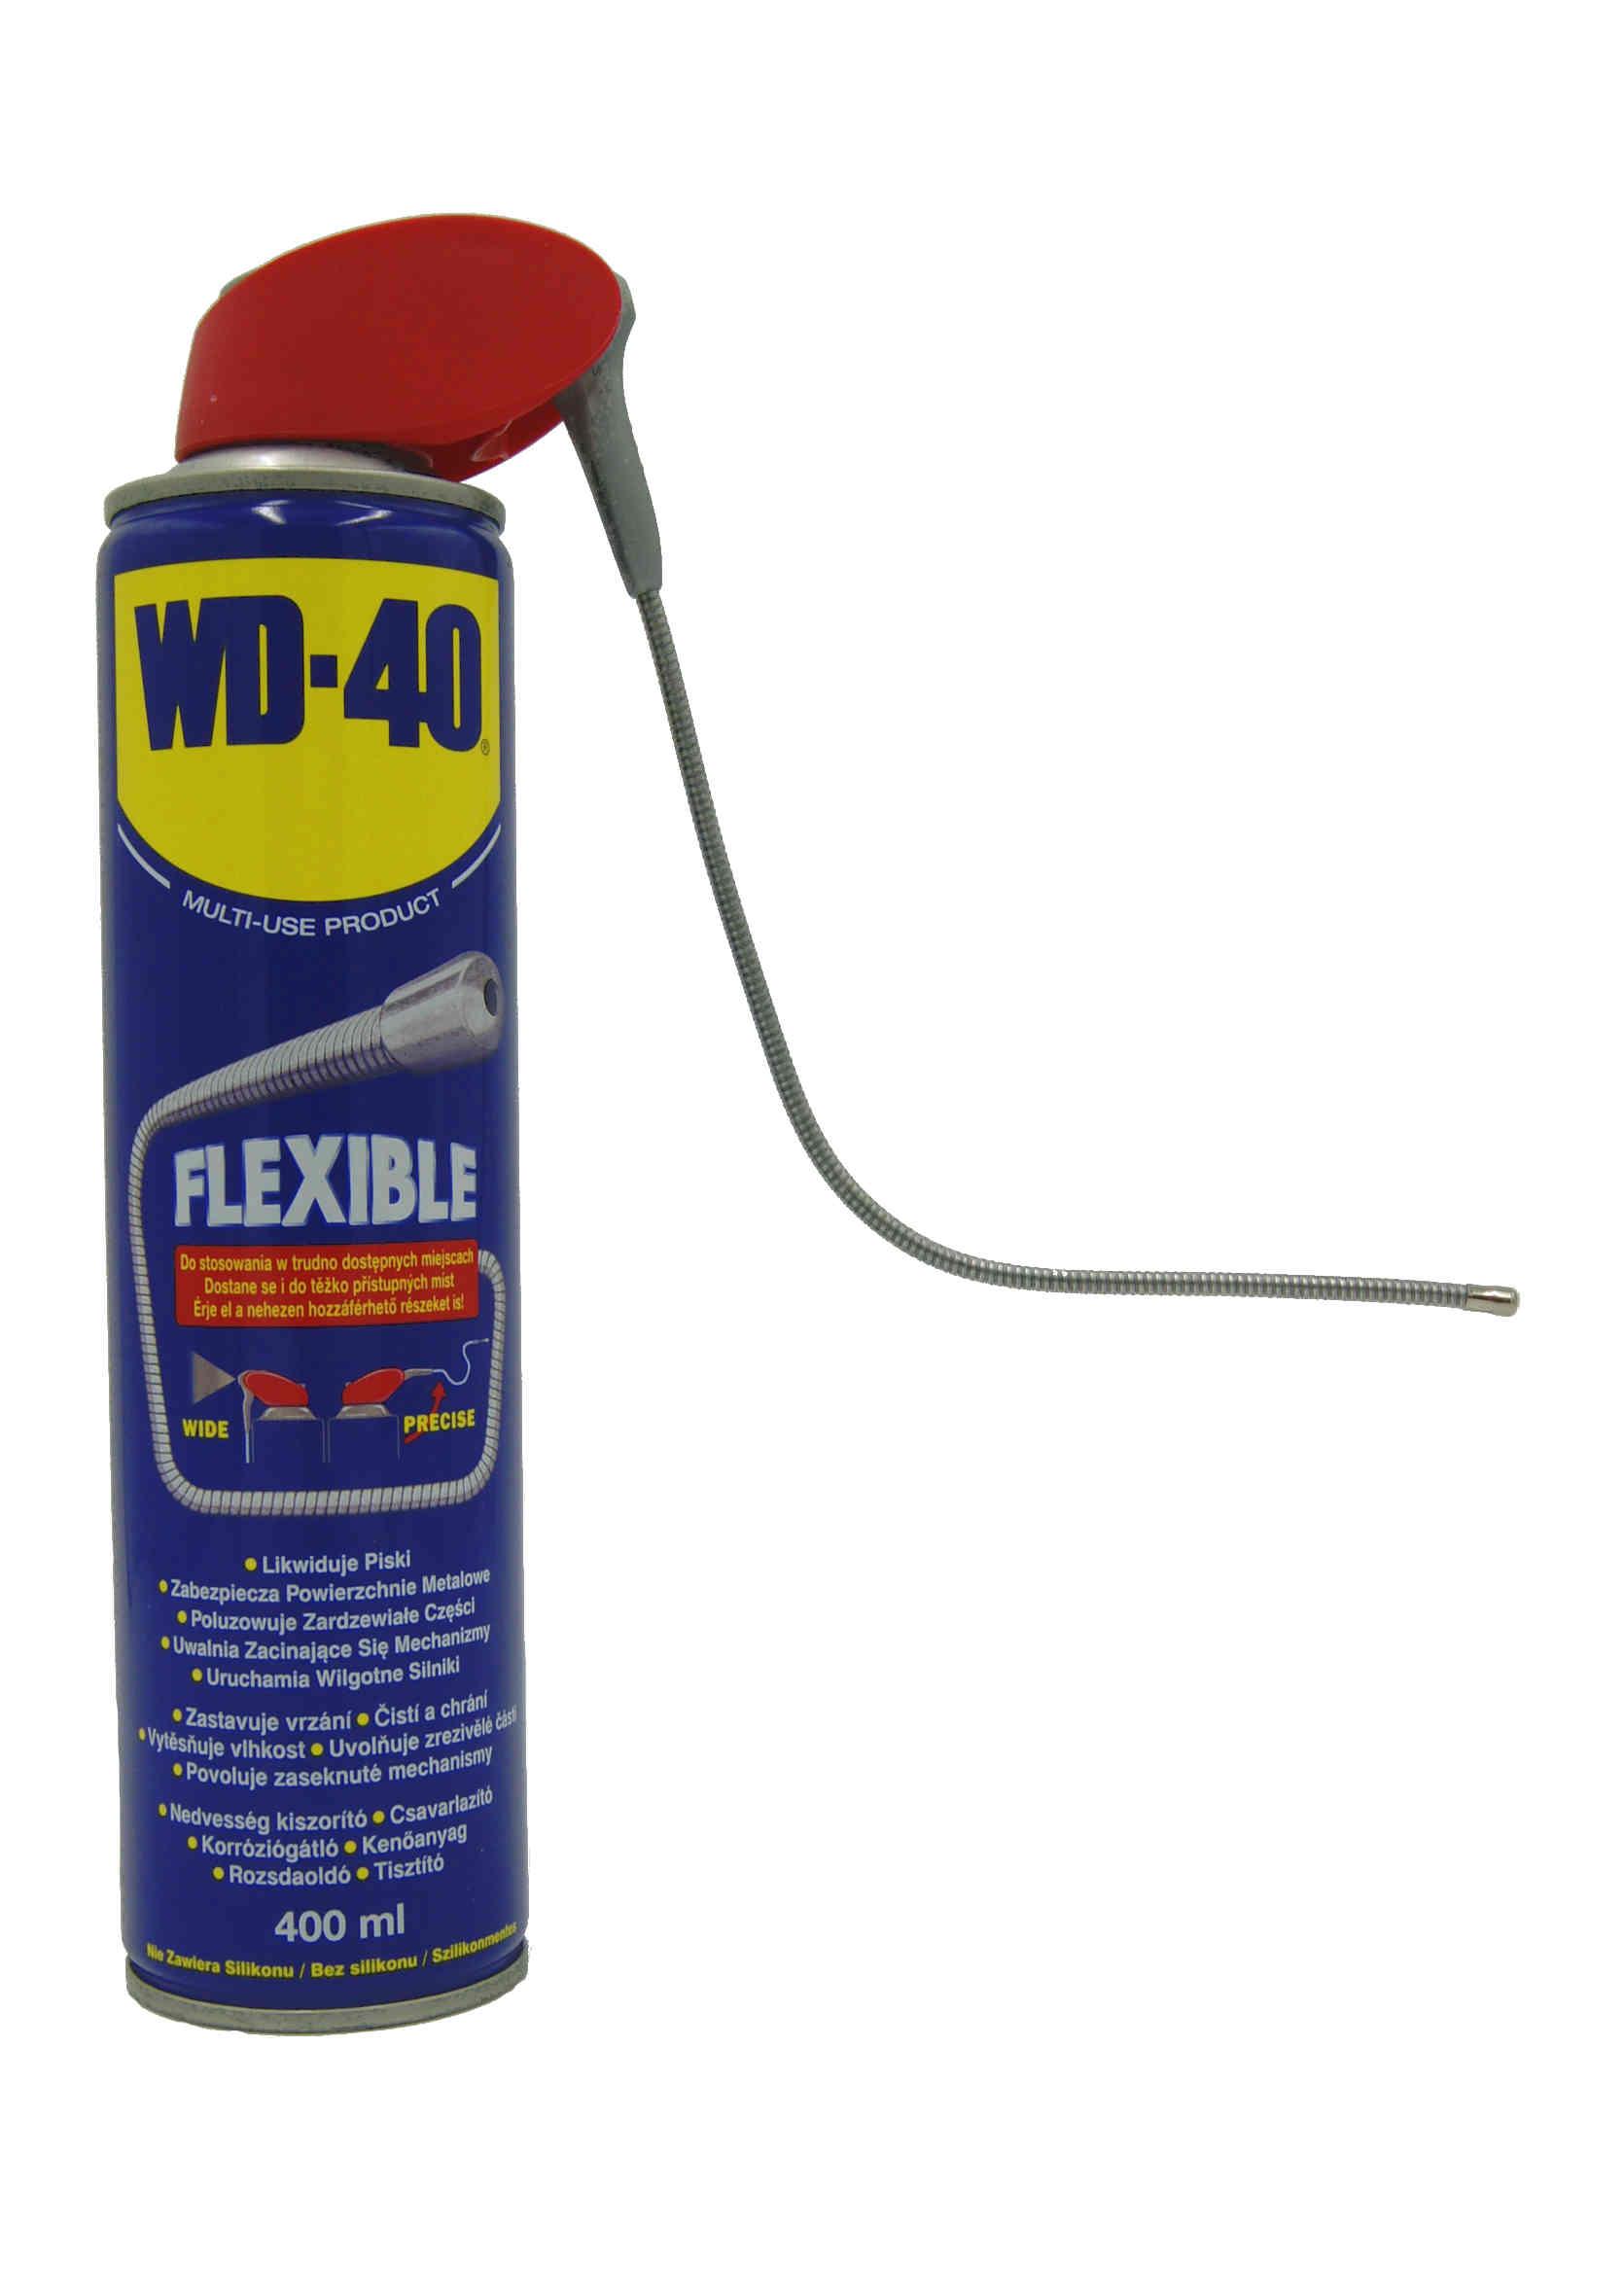 WD-40 400ml Flexible Preparat wielofunkcyjny